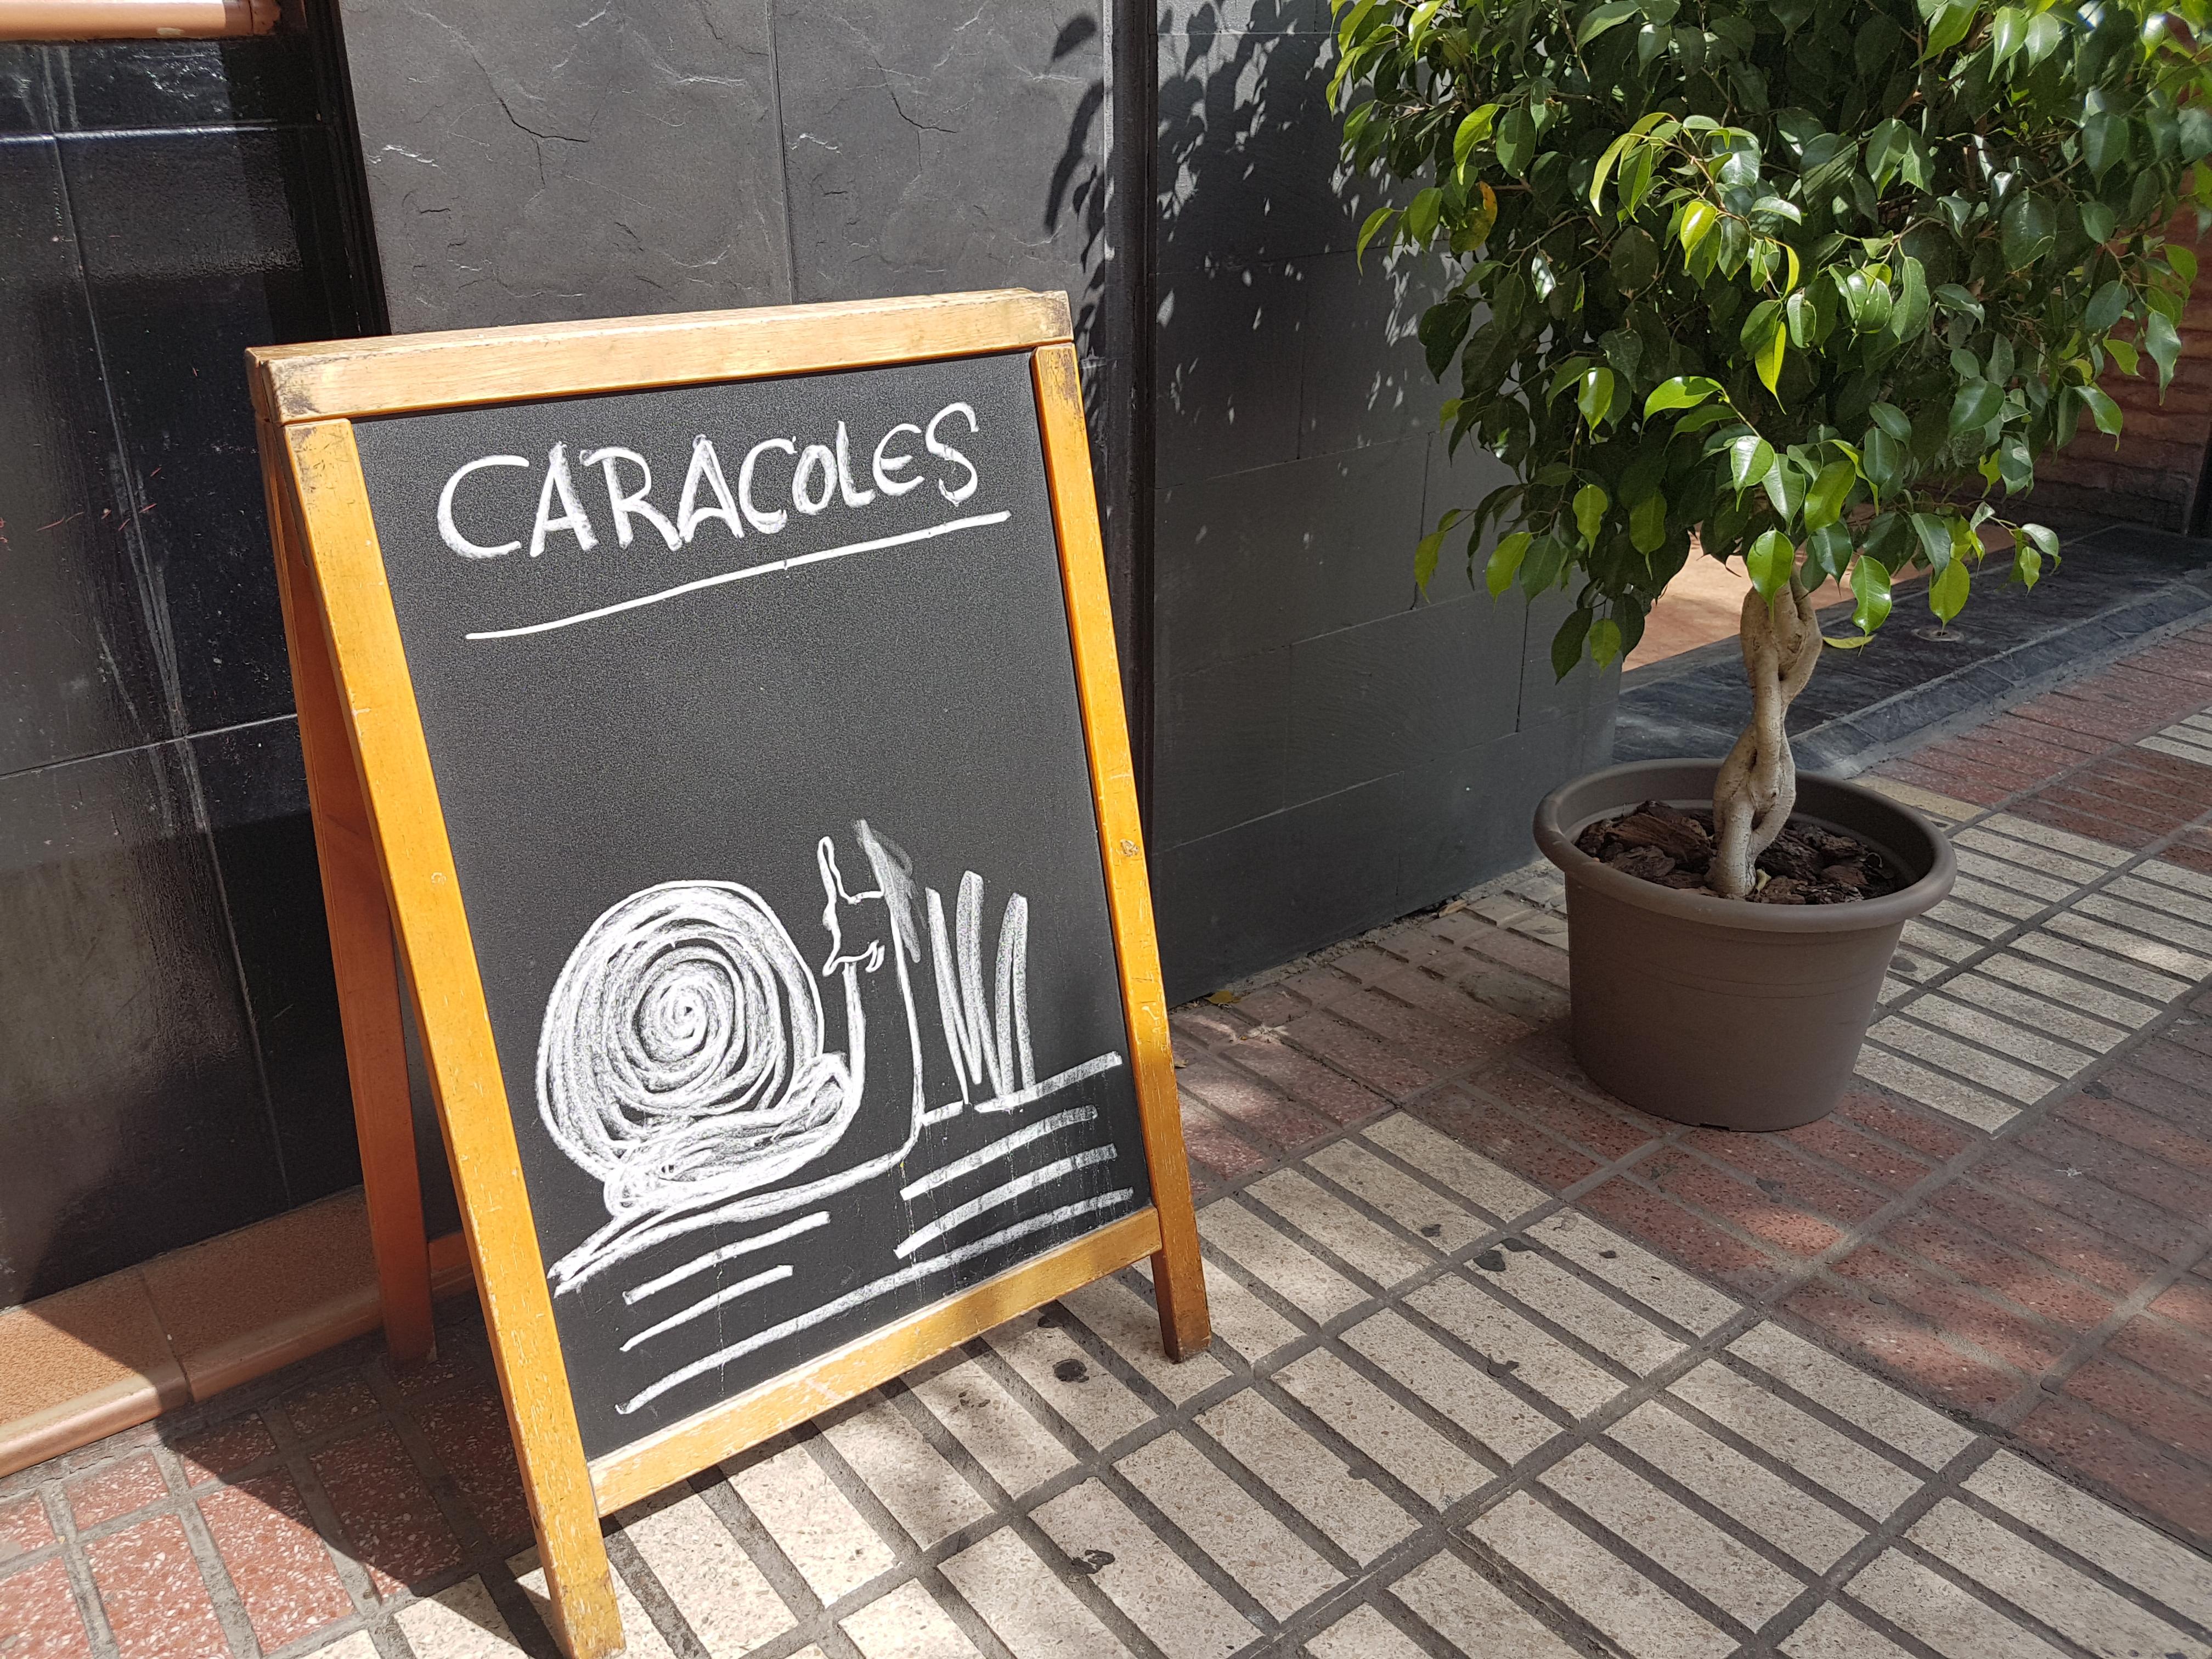 Snails (caracoles) for sale